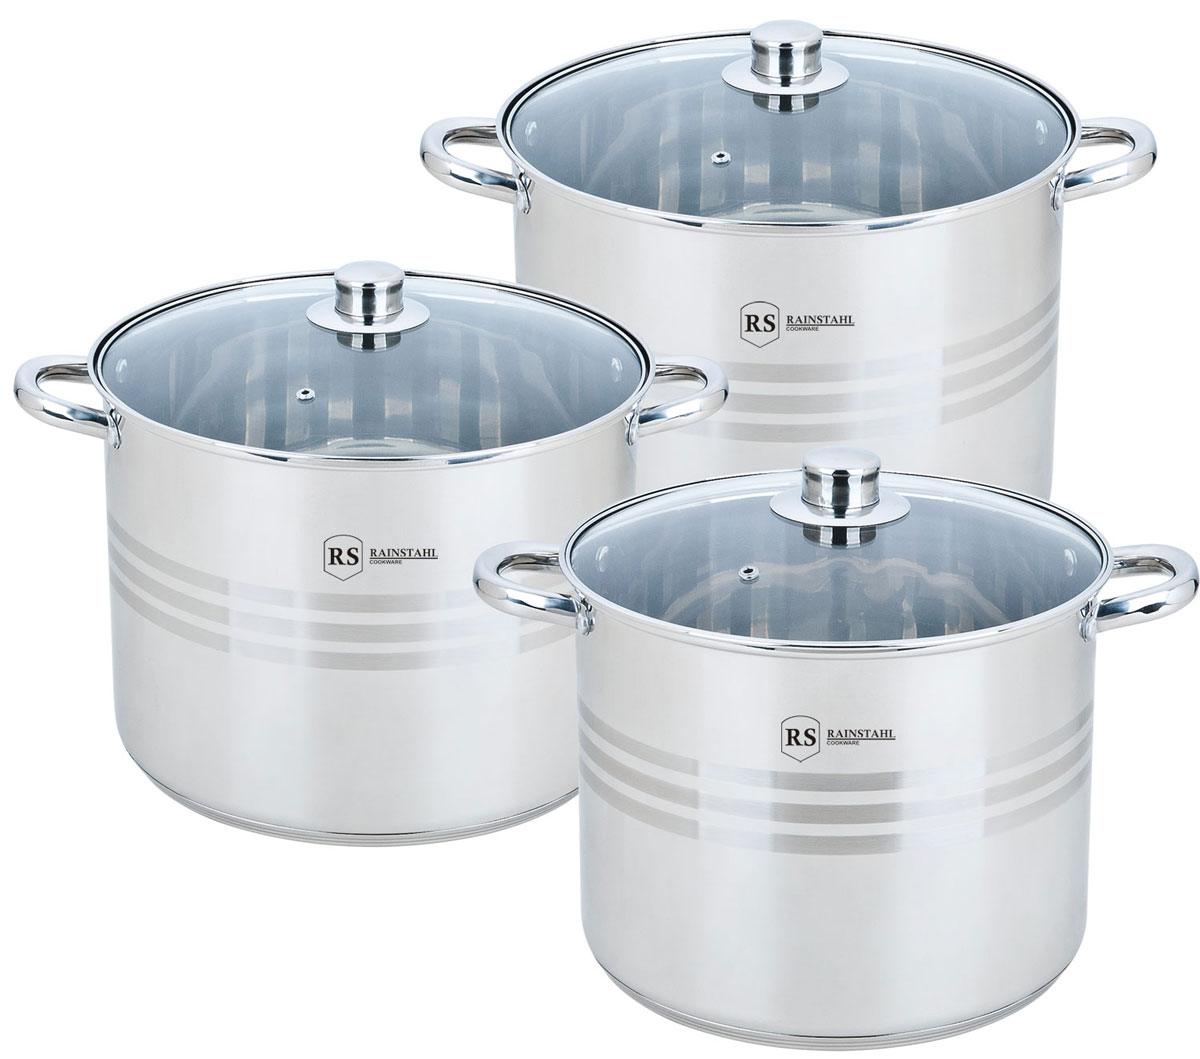 Набор посуды Rainstahl, цвет: стальной, 6 предметов. 2303-06RS/CW BK2303-06RS/CW BKНабор кастрюль из высококачественной нержавеющей стали.3-шаговое термоаккумулирующее капсульное дно, которое быстро и равномерно накапливает тепло и также равномерно передает его пище. Подходит для всех видов плит, включая индукцию. Современные технологии изготовления посуды. Удобные ручки.